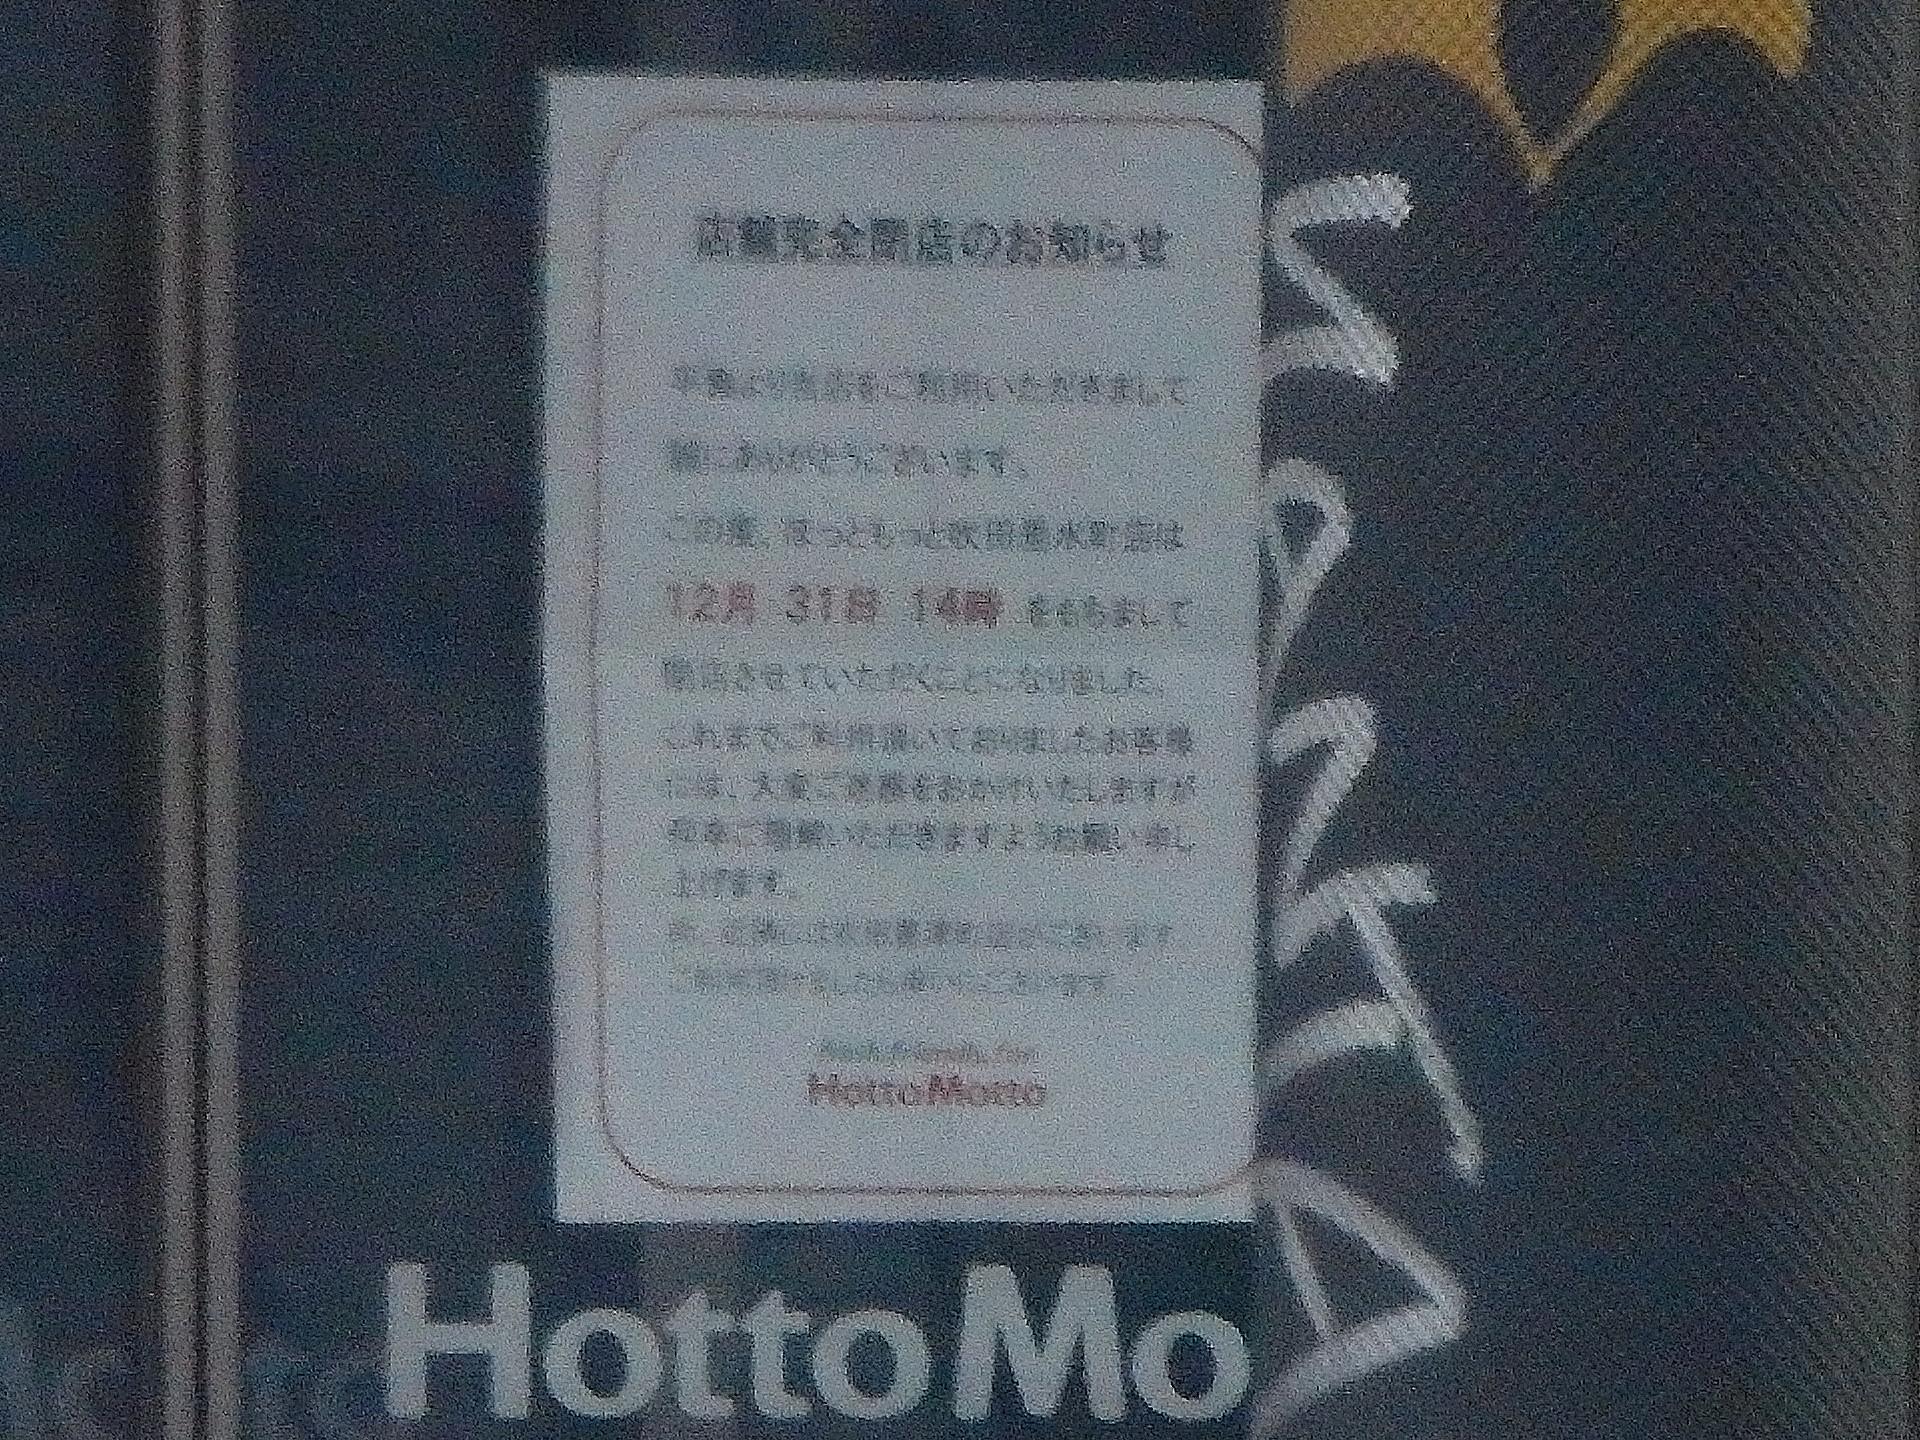 近所のホットモットが完全閉店しました。